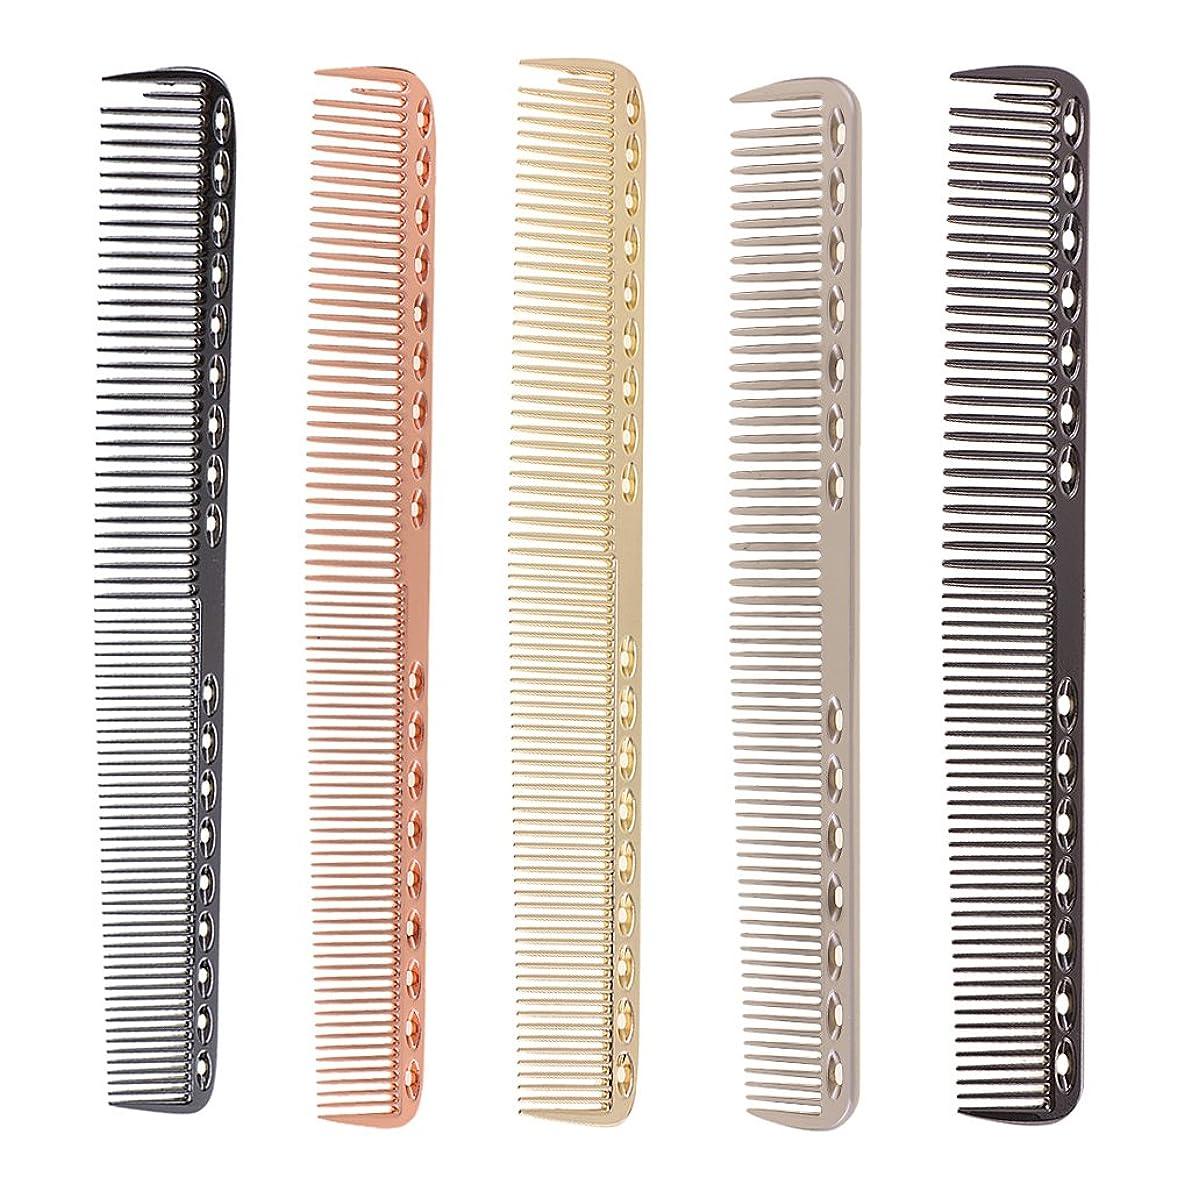 またはどちらか構築する埋めるKesoto 5個入り 髪の櫛 櫛 超軽量 アルミ サロン 理髪師 ヘアカット ヘアカッティング